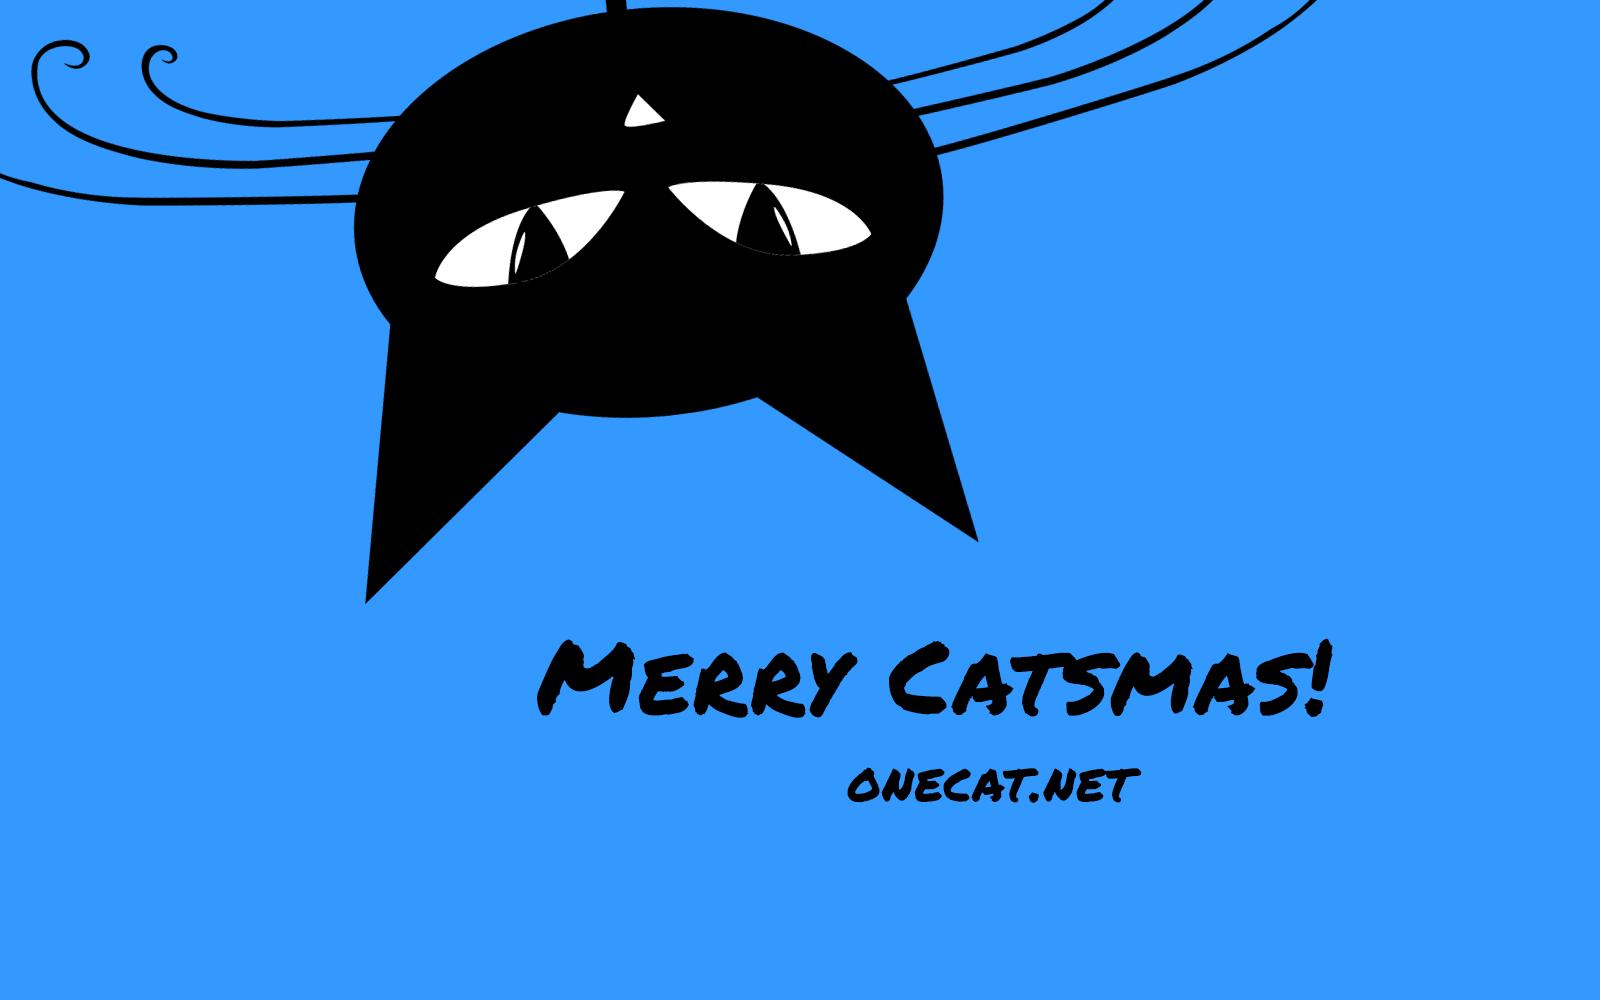 Merry Catsmas